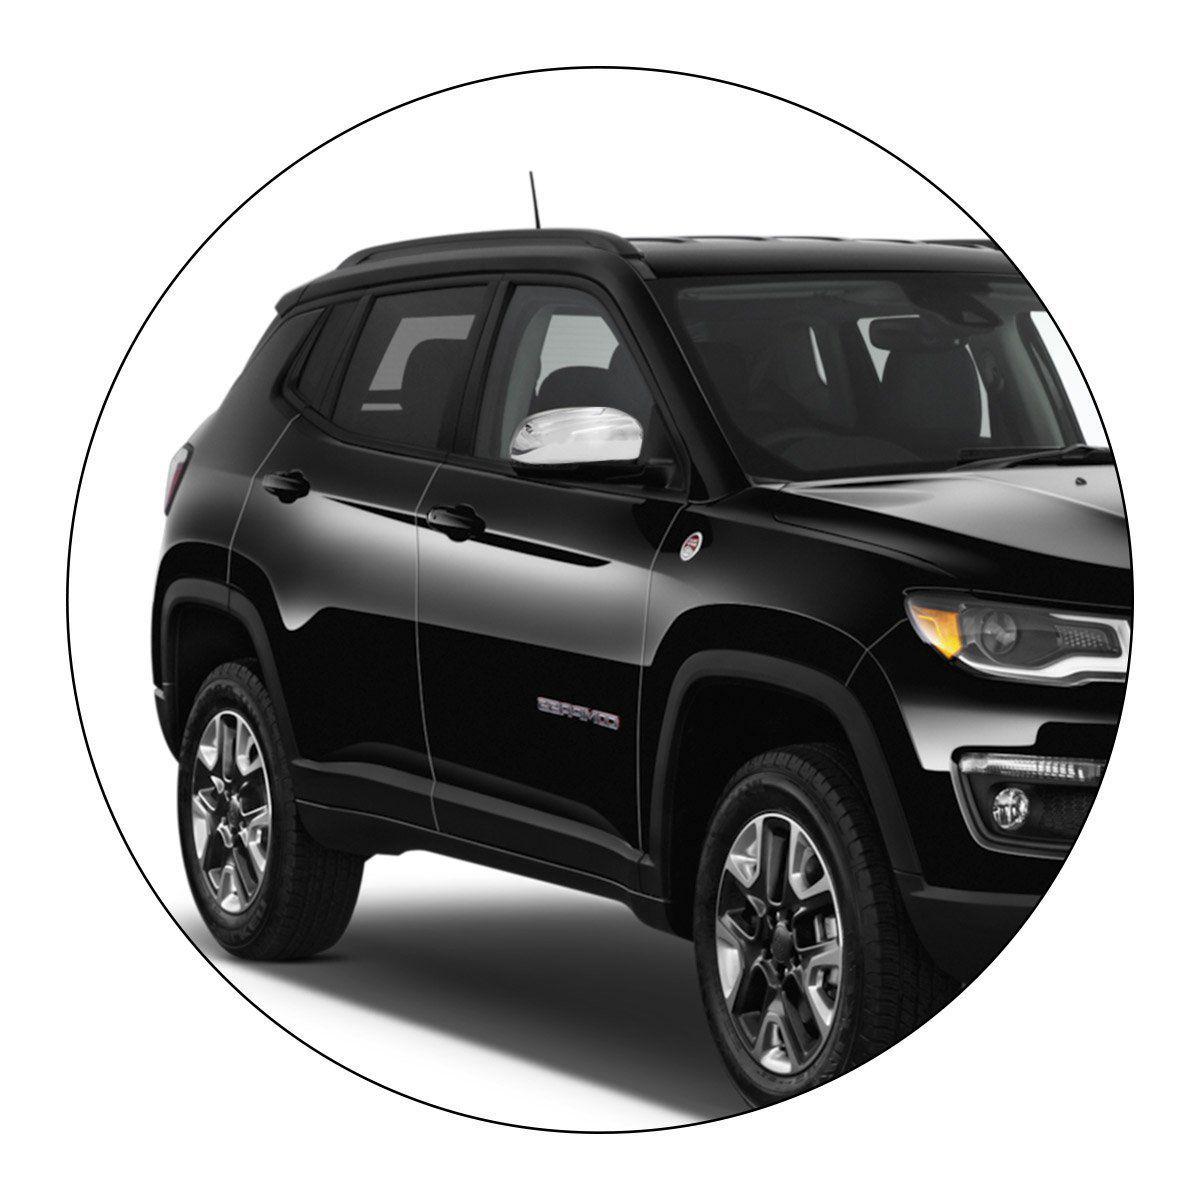 Capa Retrovisor Jeep Compass Fiat Toro 2016 a 2019 Cromado Lado Direito